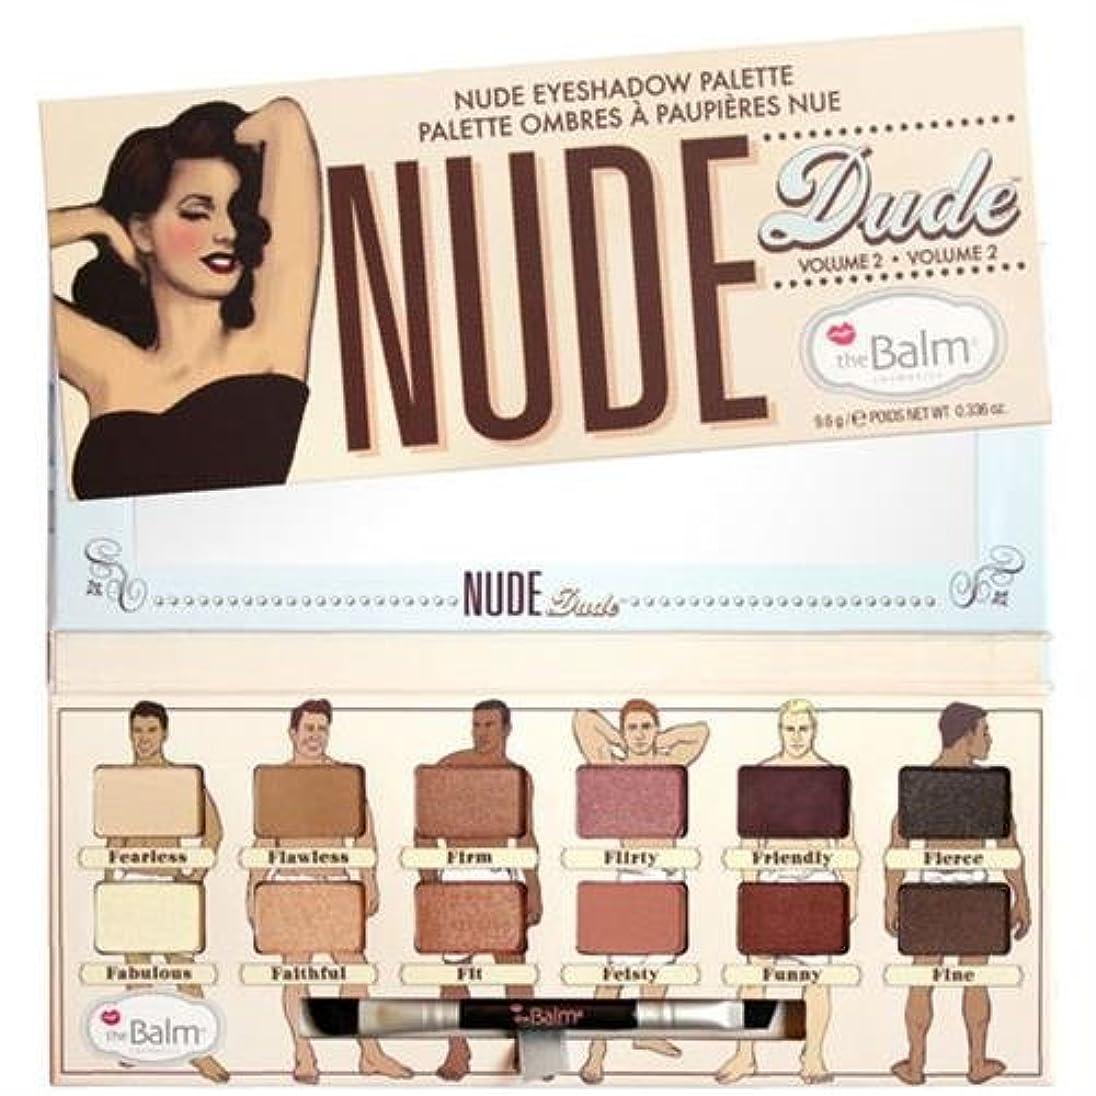 定期的なハウス最大Thebalm Nude Dude Nude Eyeshadow Palette (並行輸入品) [並行輸入品]